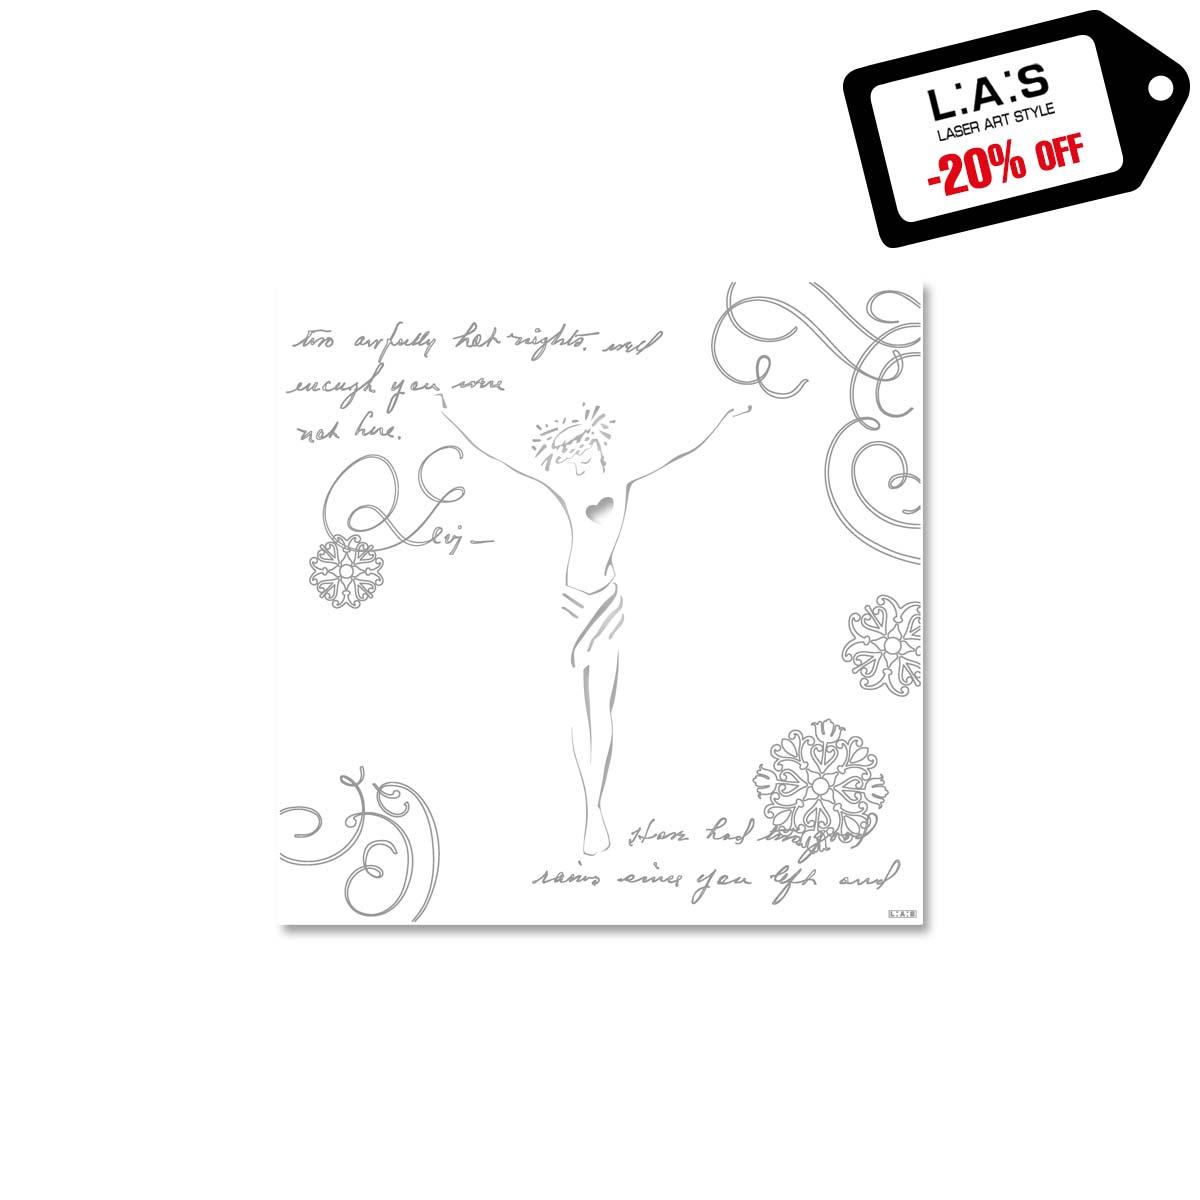 L:A:S - Laser Art Style - CROCIFISSO DA PARETE DESIGN MODERNO – Q-036-T7 BIANCO